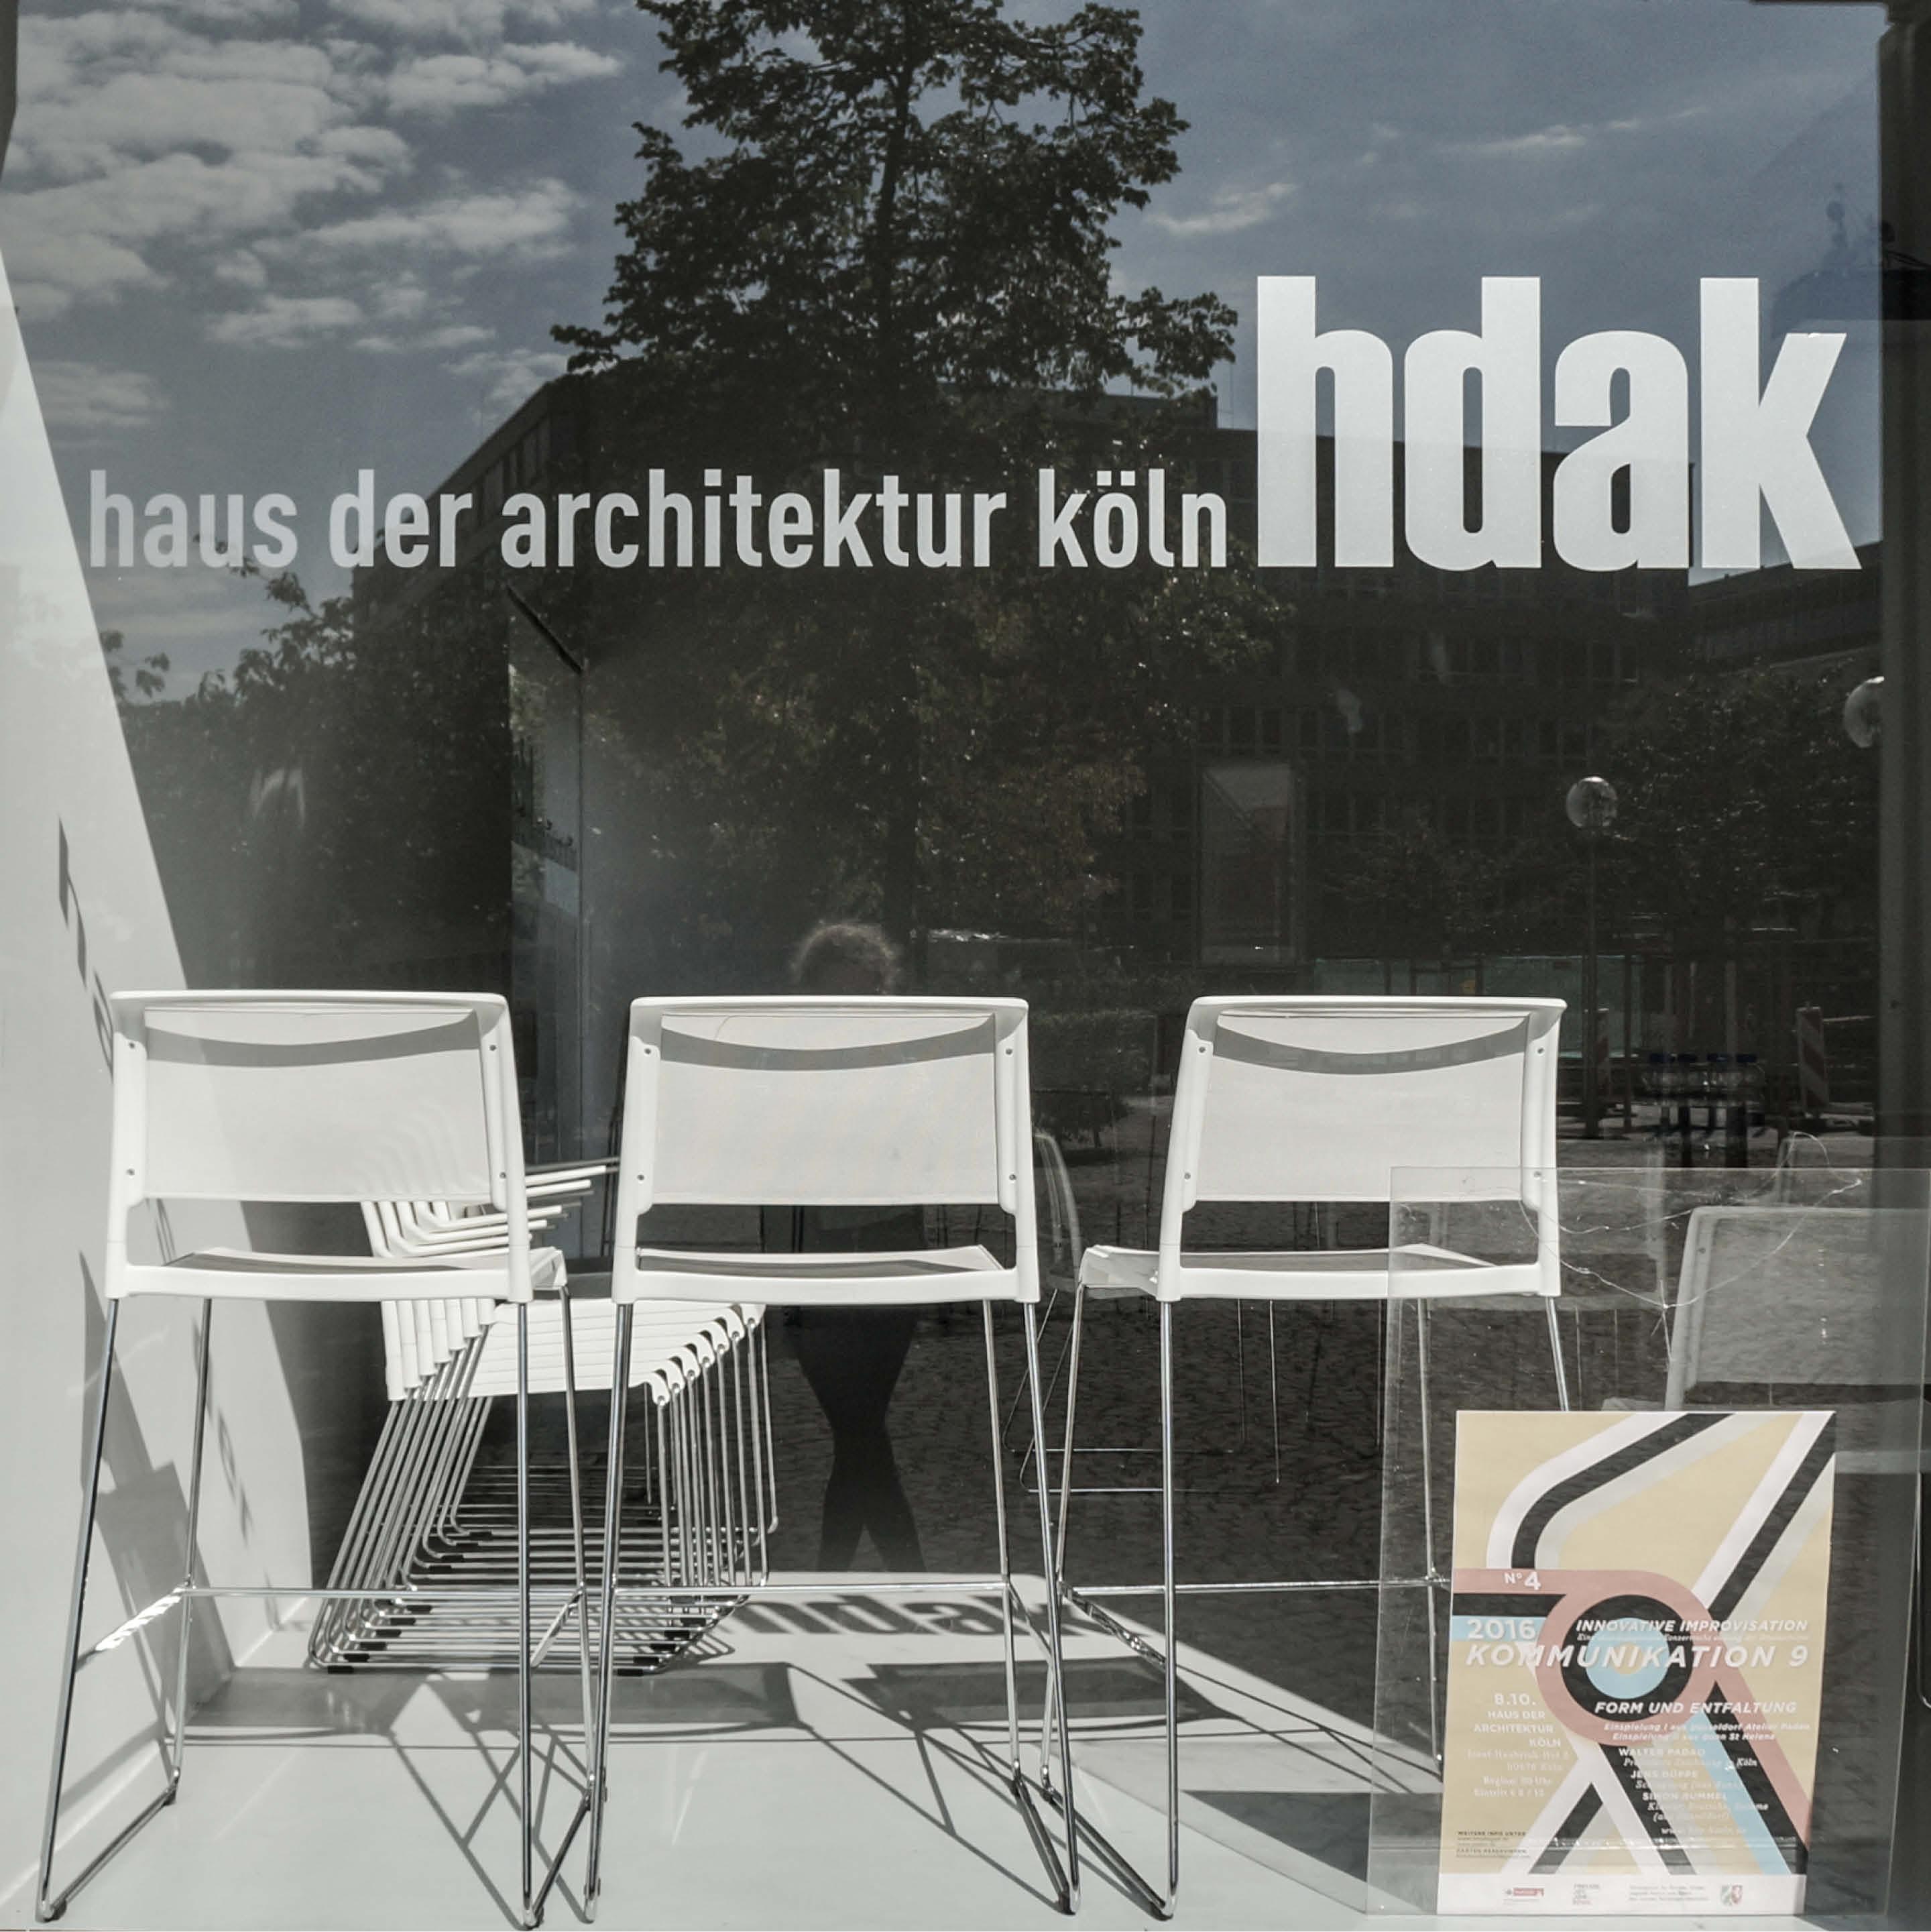 Haus der architektur k ln - Haus der architektur ...